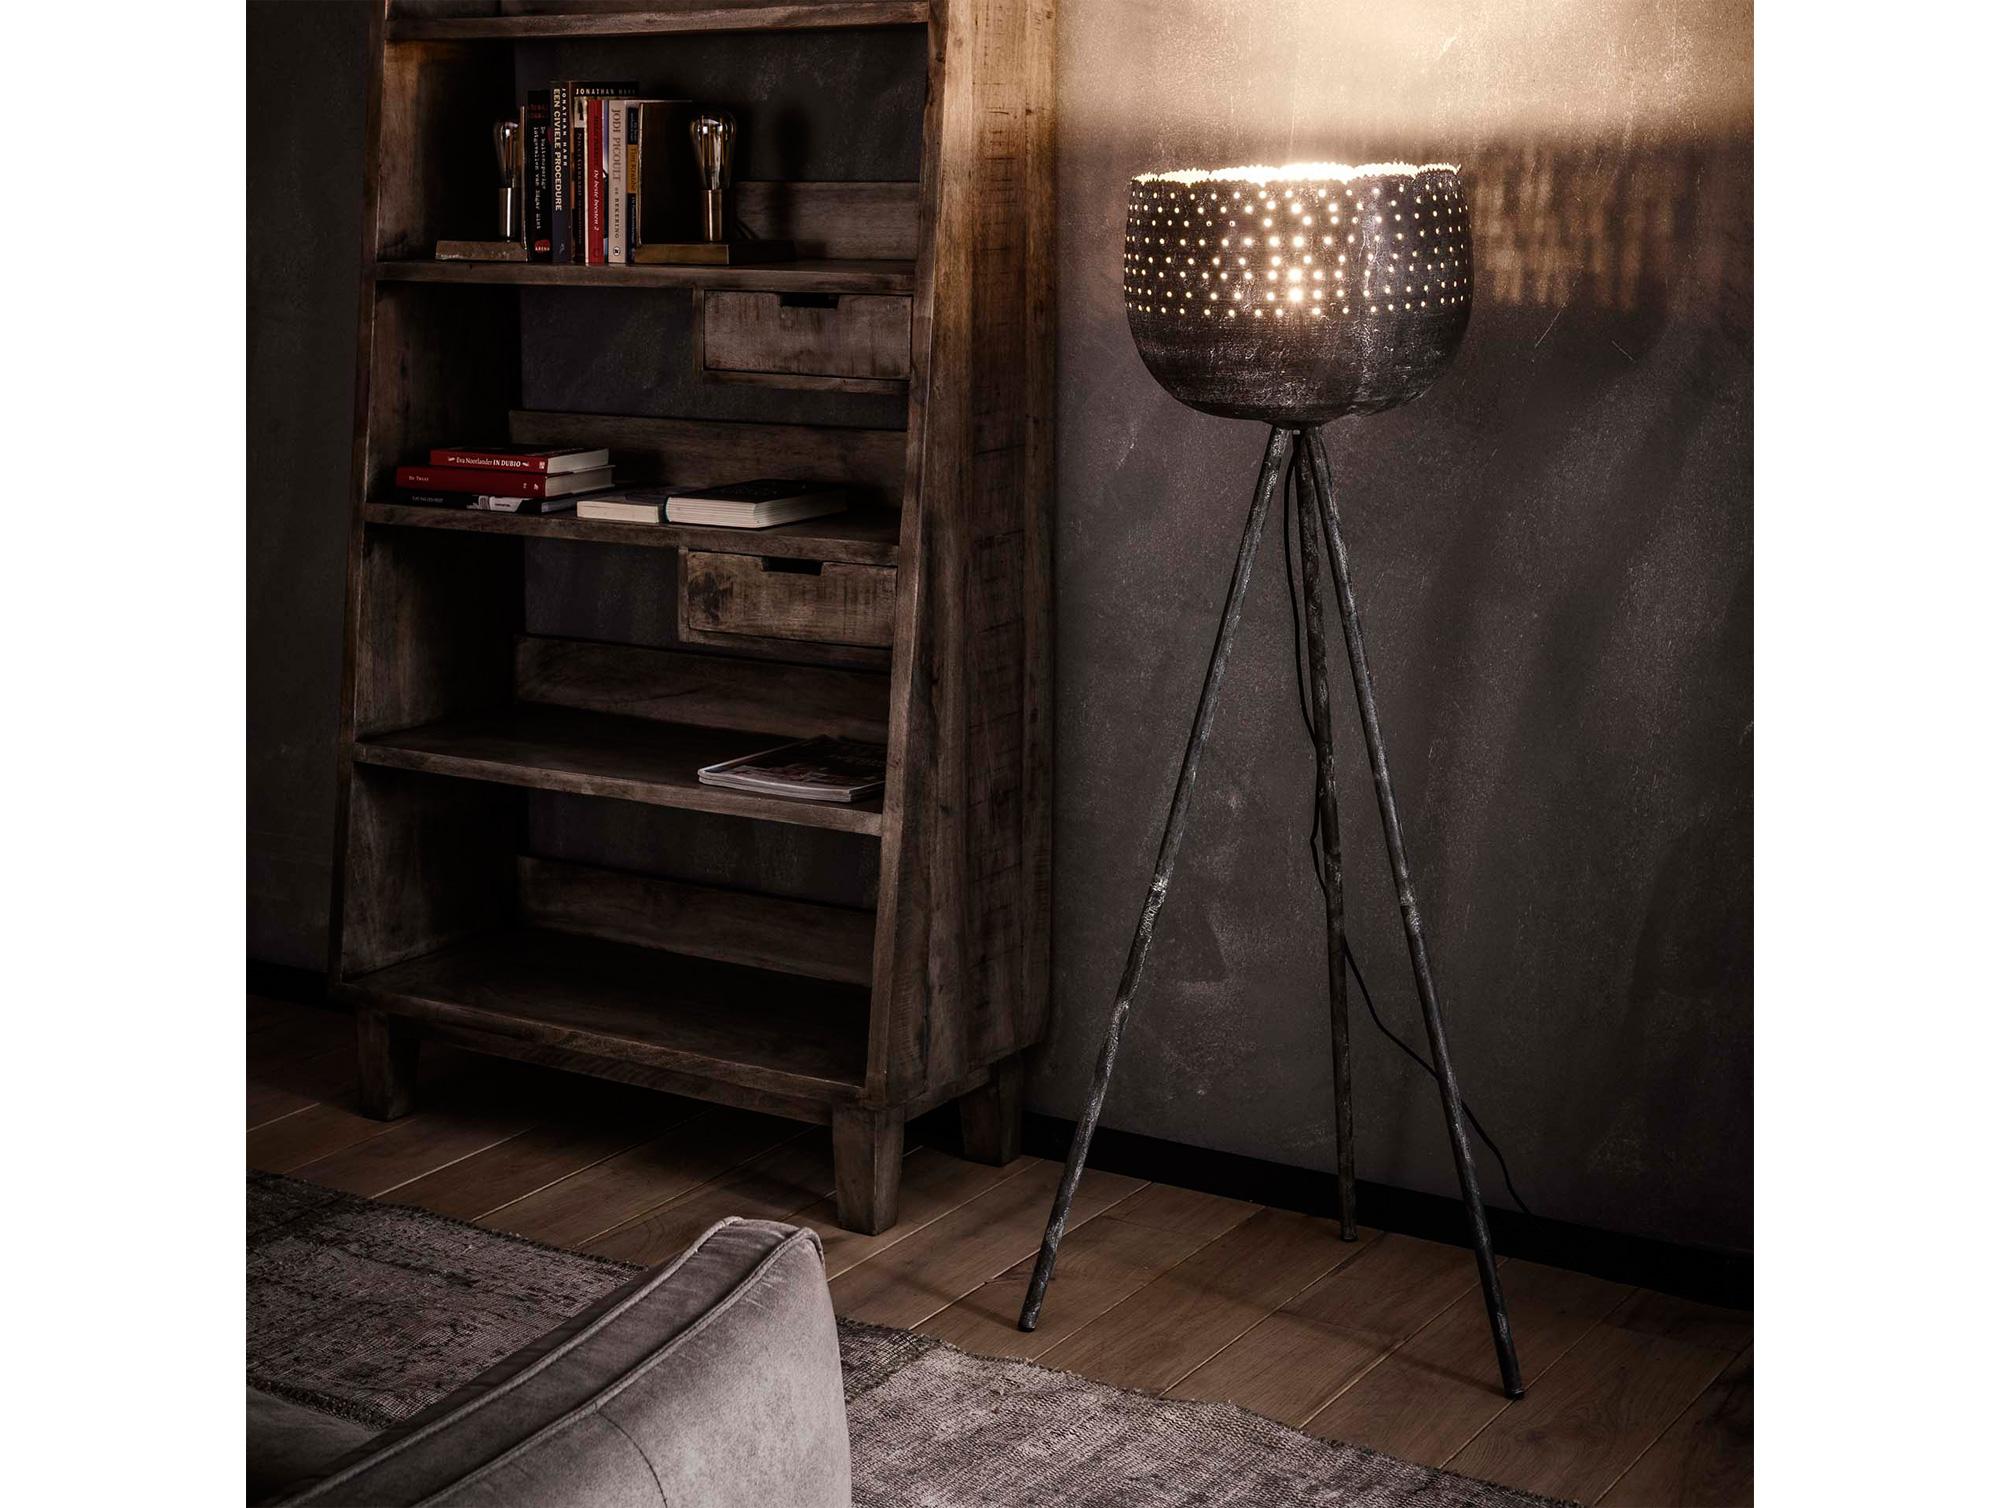 aza00095-stehlampe-kartellr Faszinierend Stehlampe Studio Schwarz Gold Dekorationen